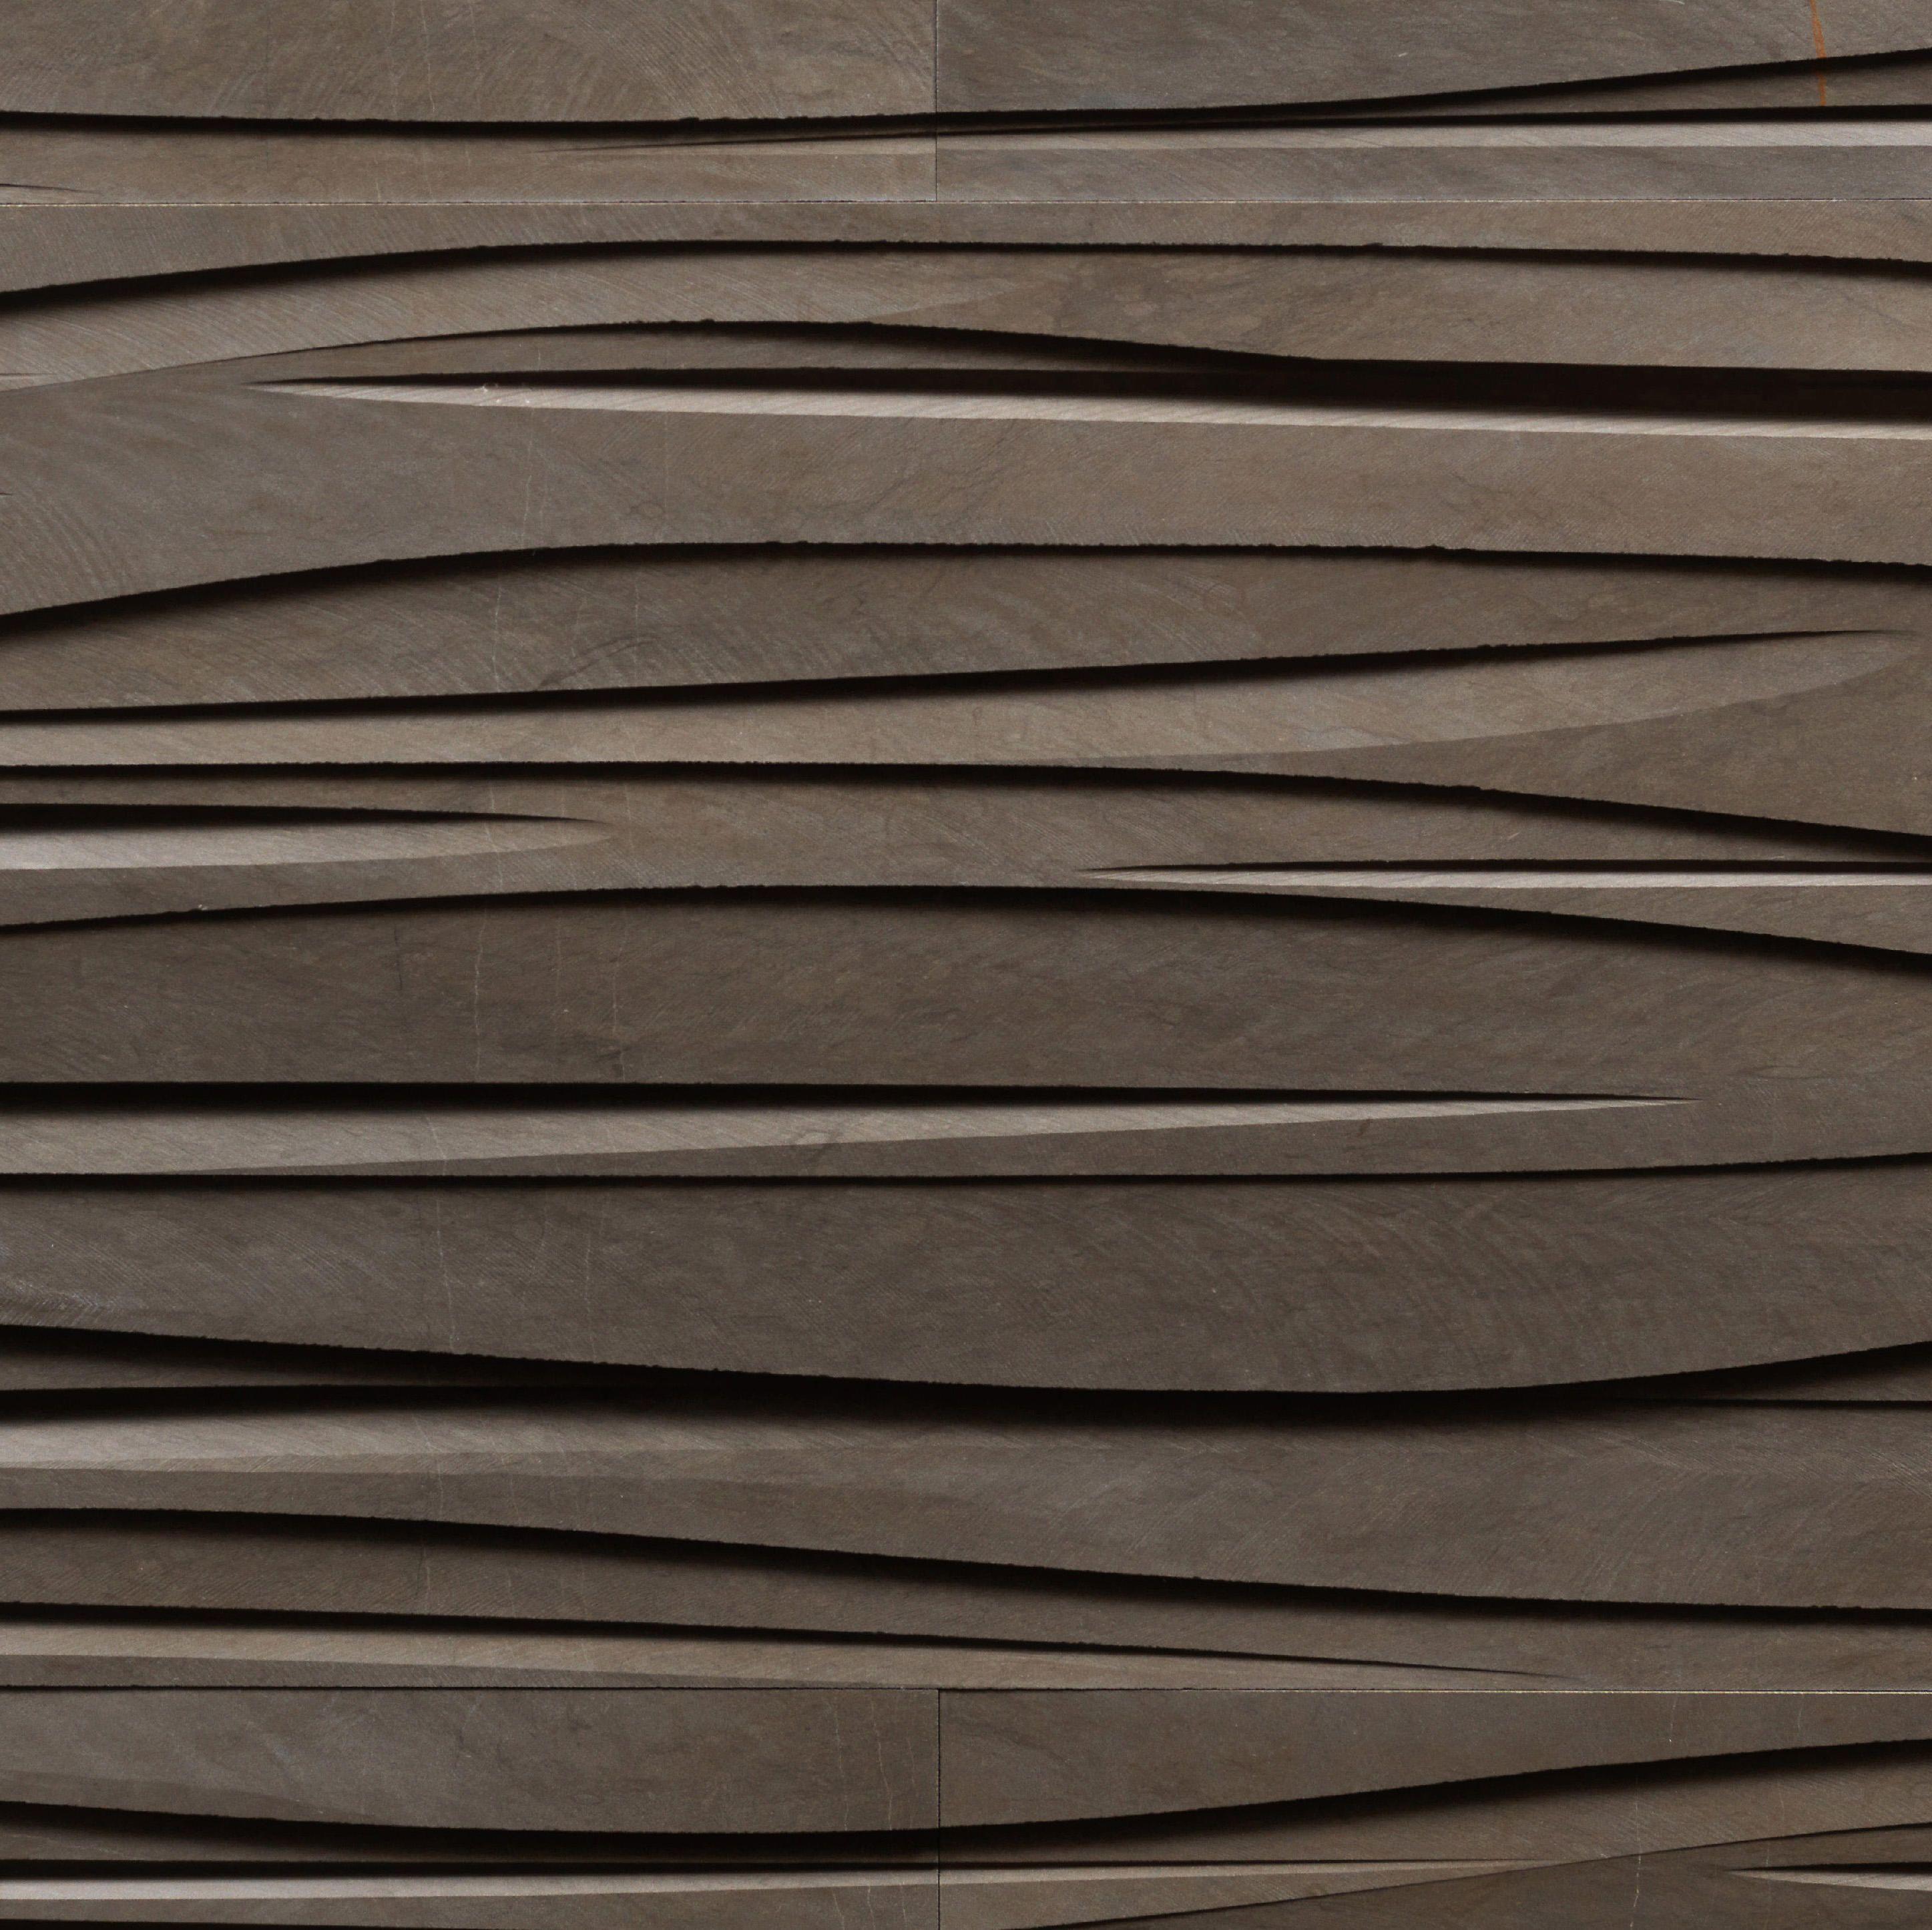 Nuance Vena Designer Natural Stone Panels From Lithos